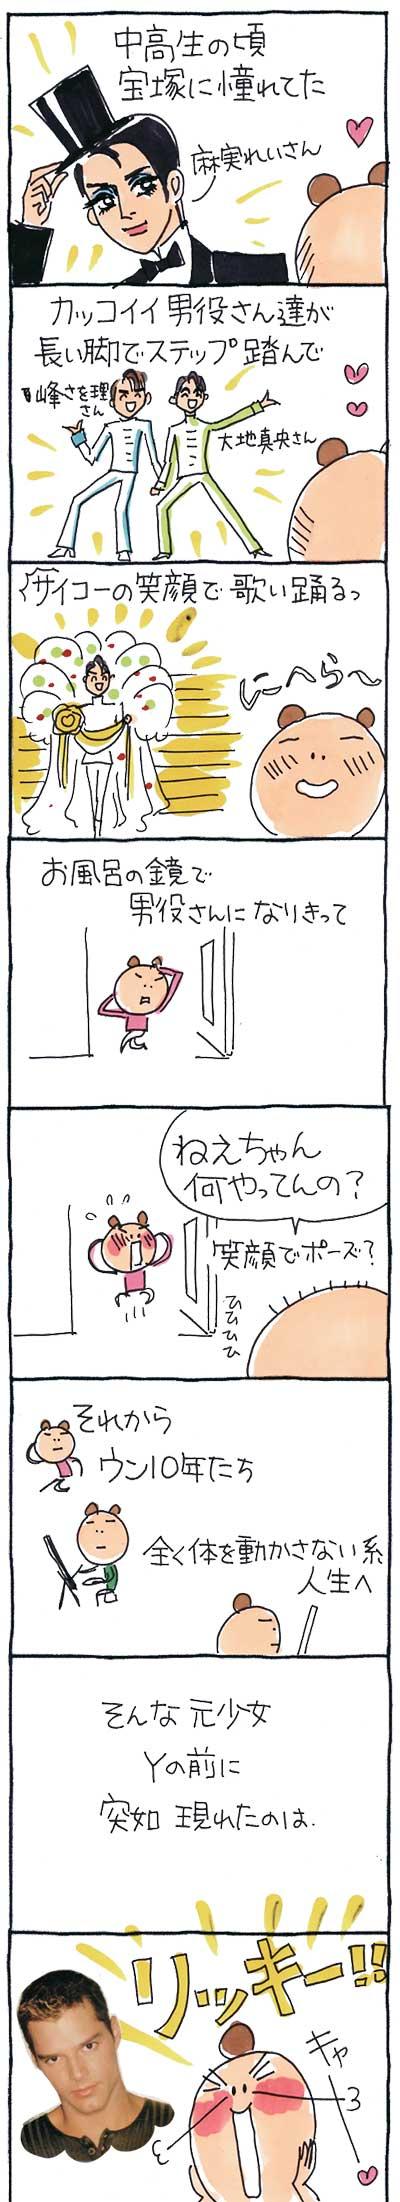 160603ミュージカル01